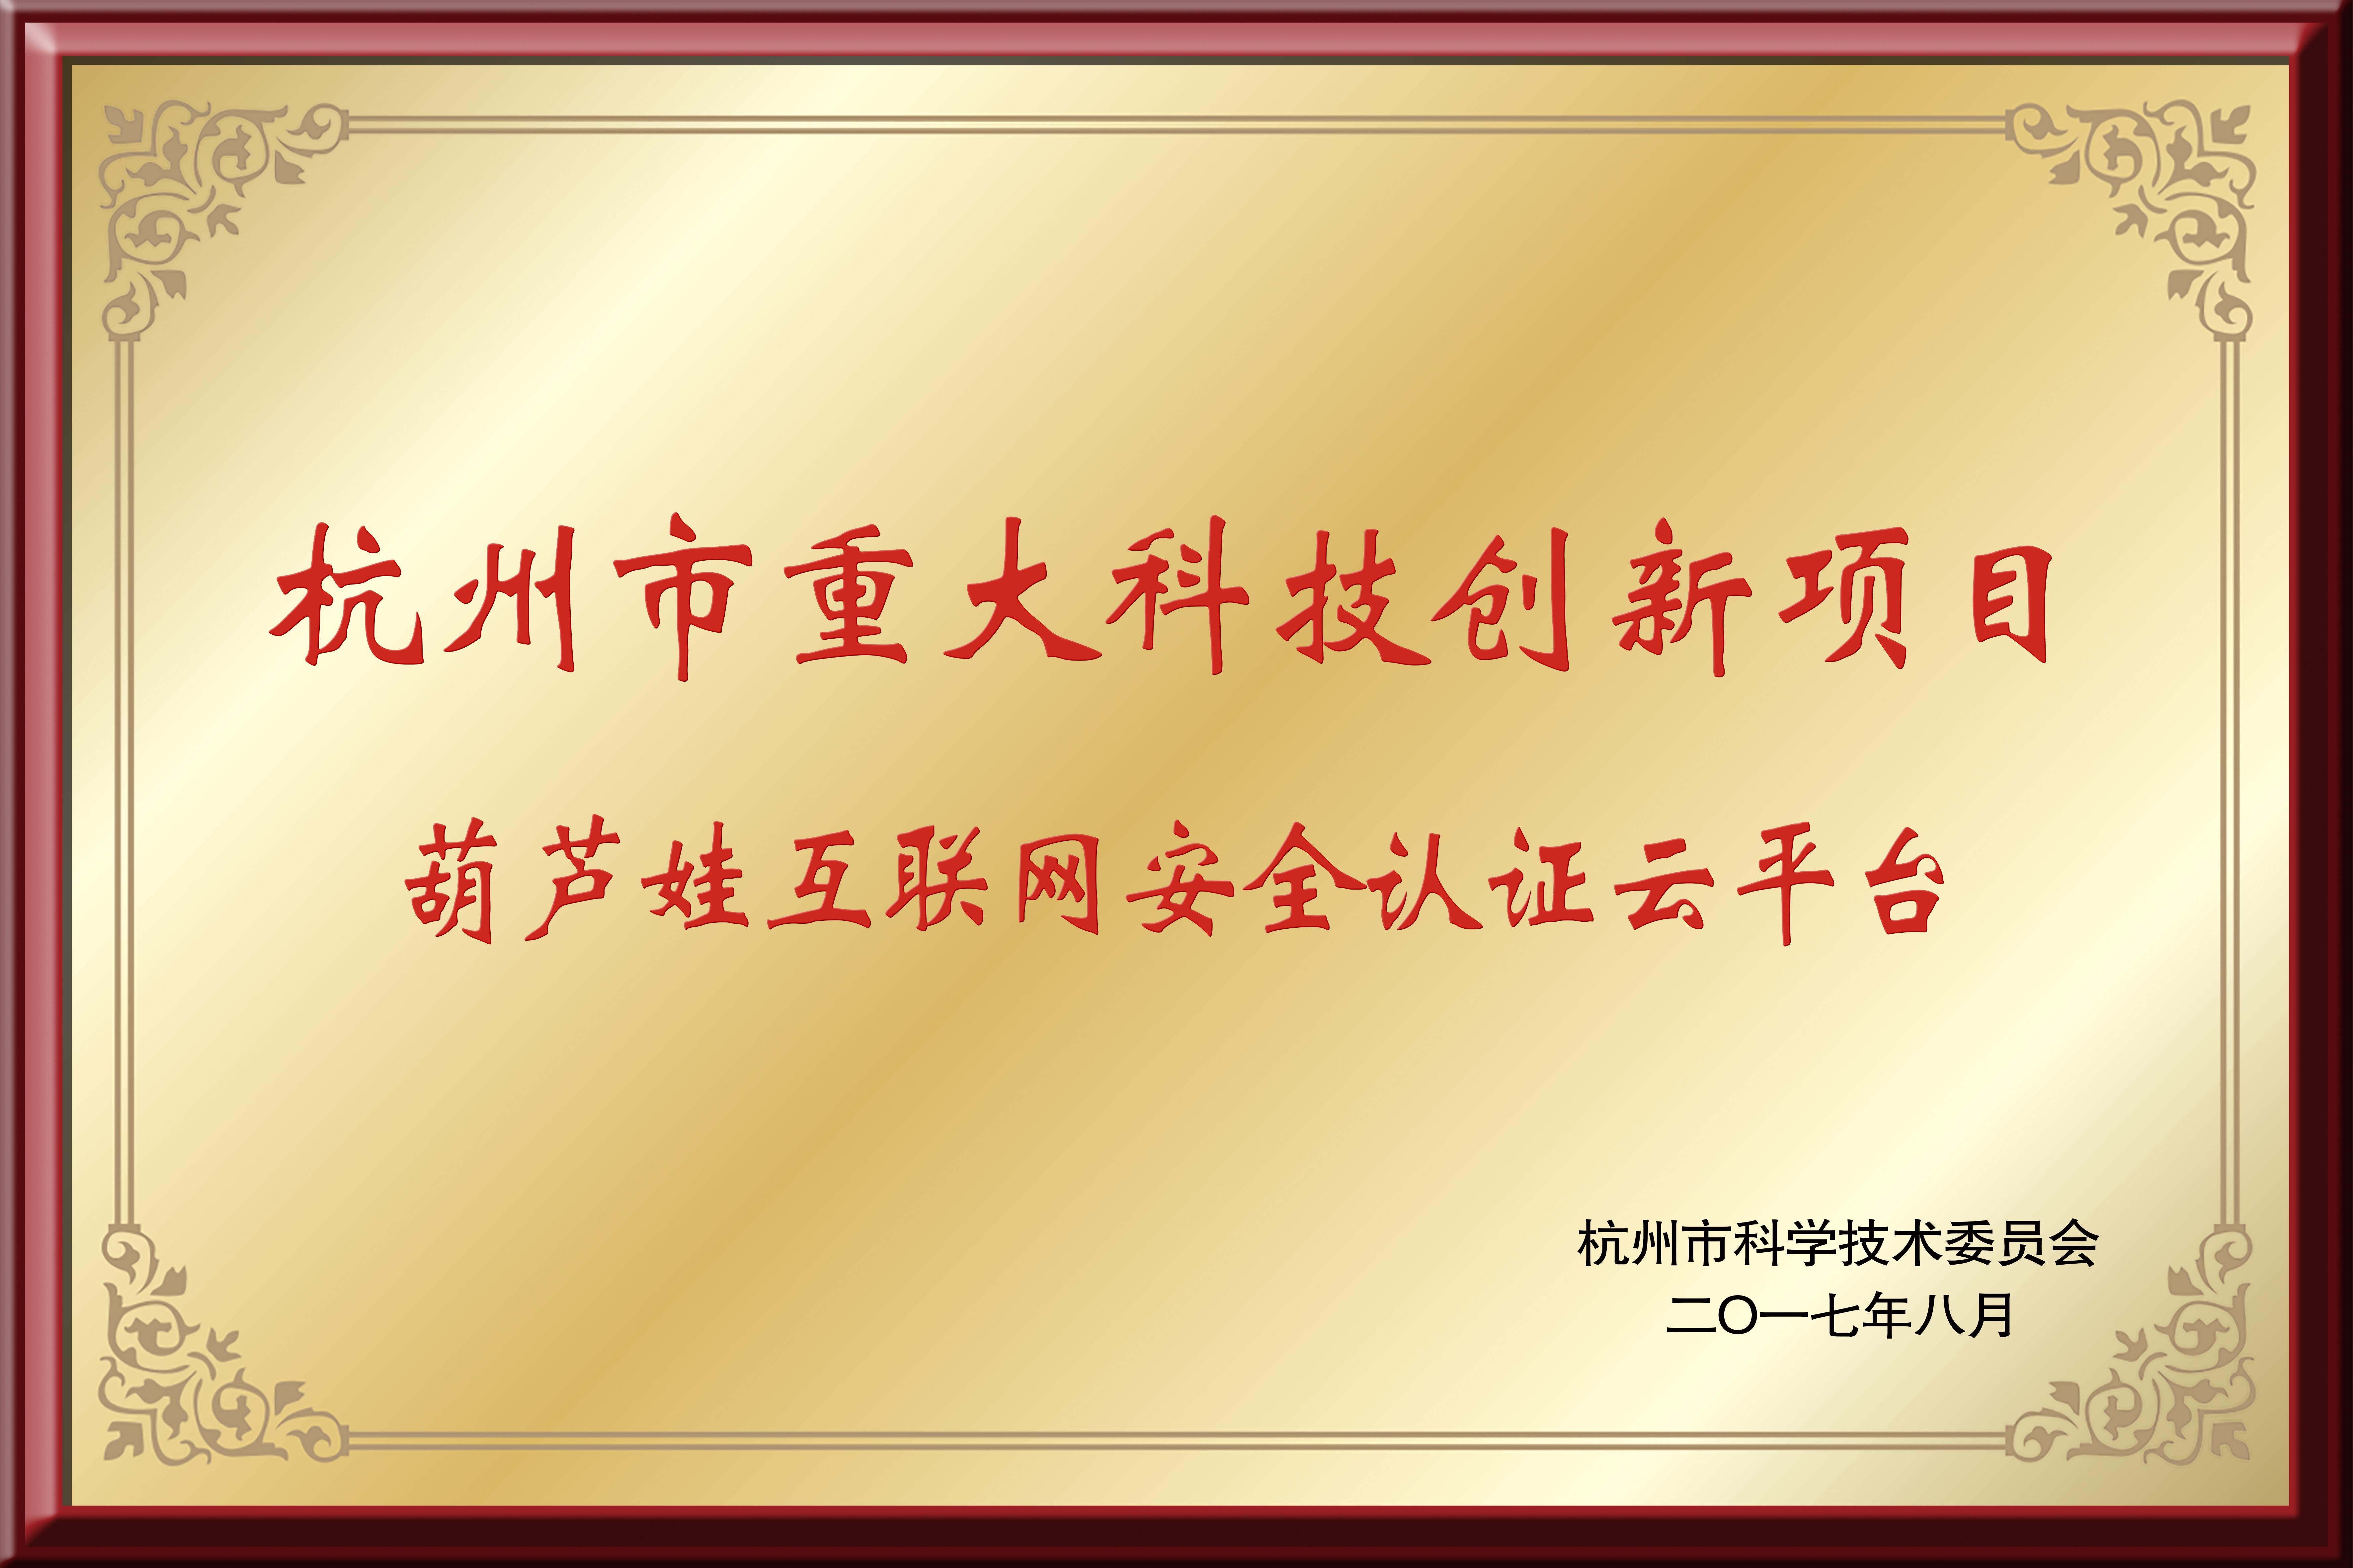 杭州市重大科技創新企業.jpg